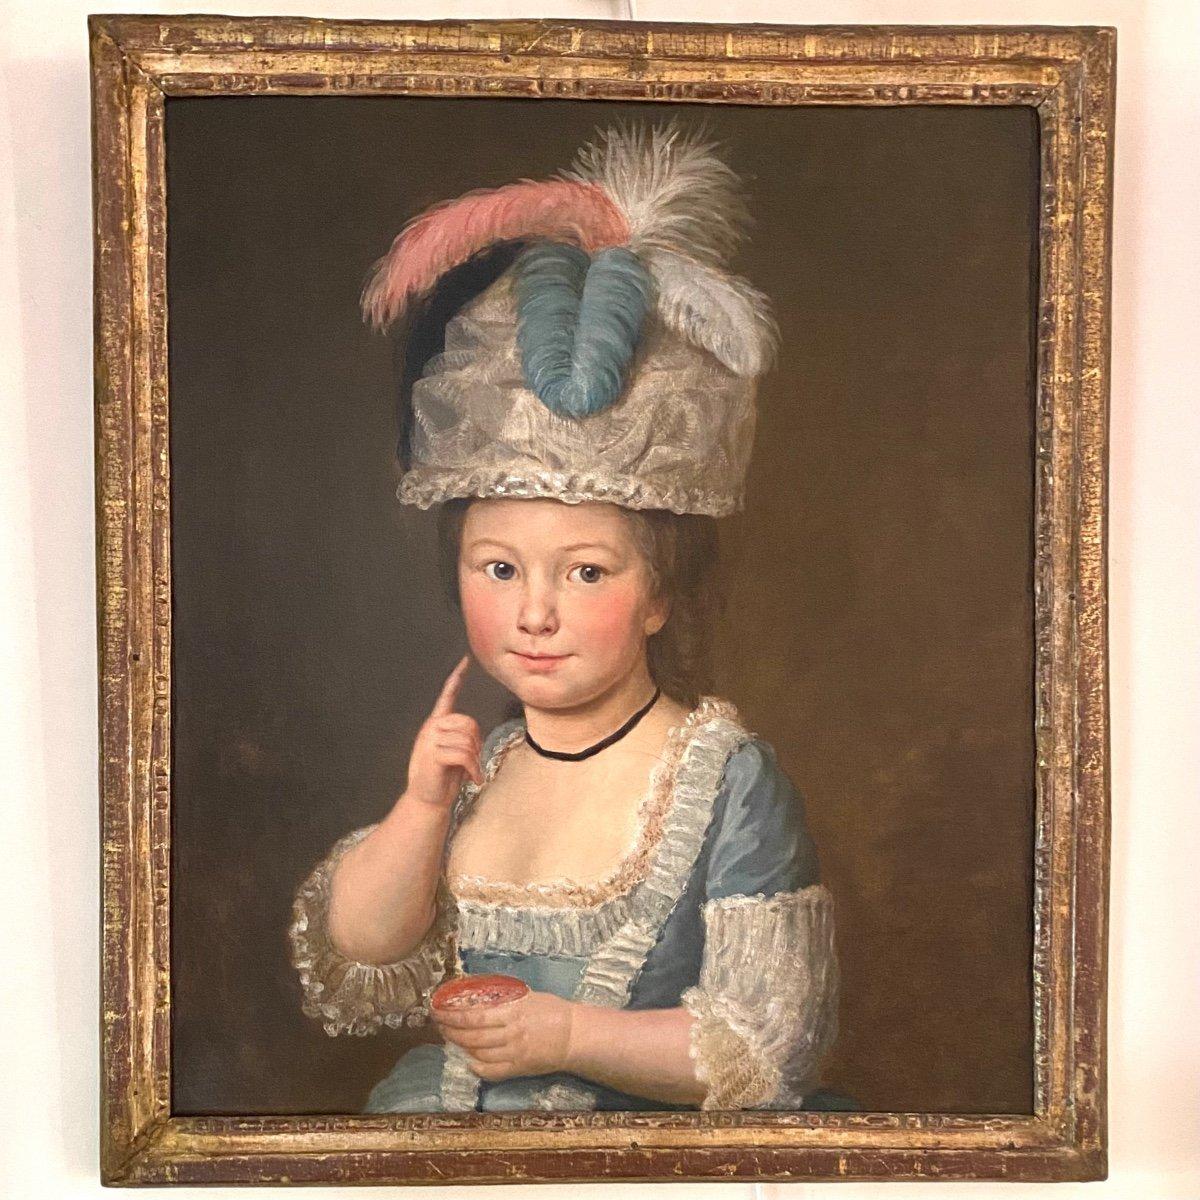 Fillette au bonnet, plumes et fard à joue, fin XVIIIe, ép. Louis XVI